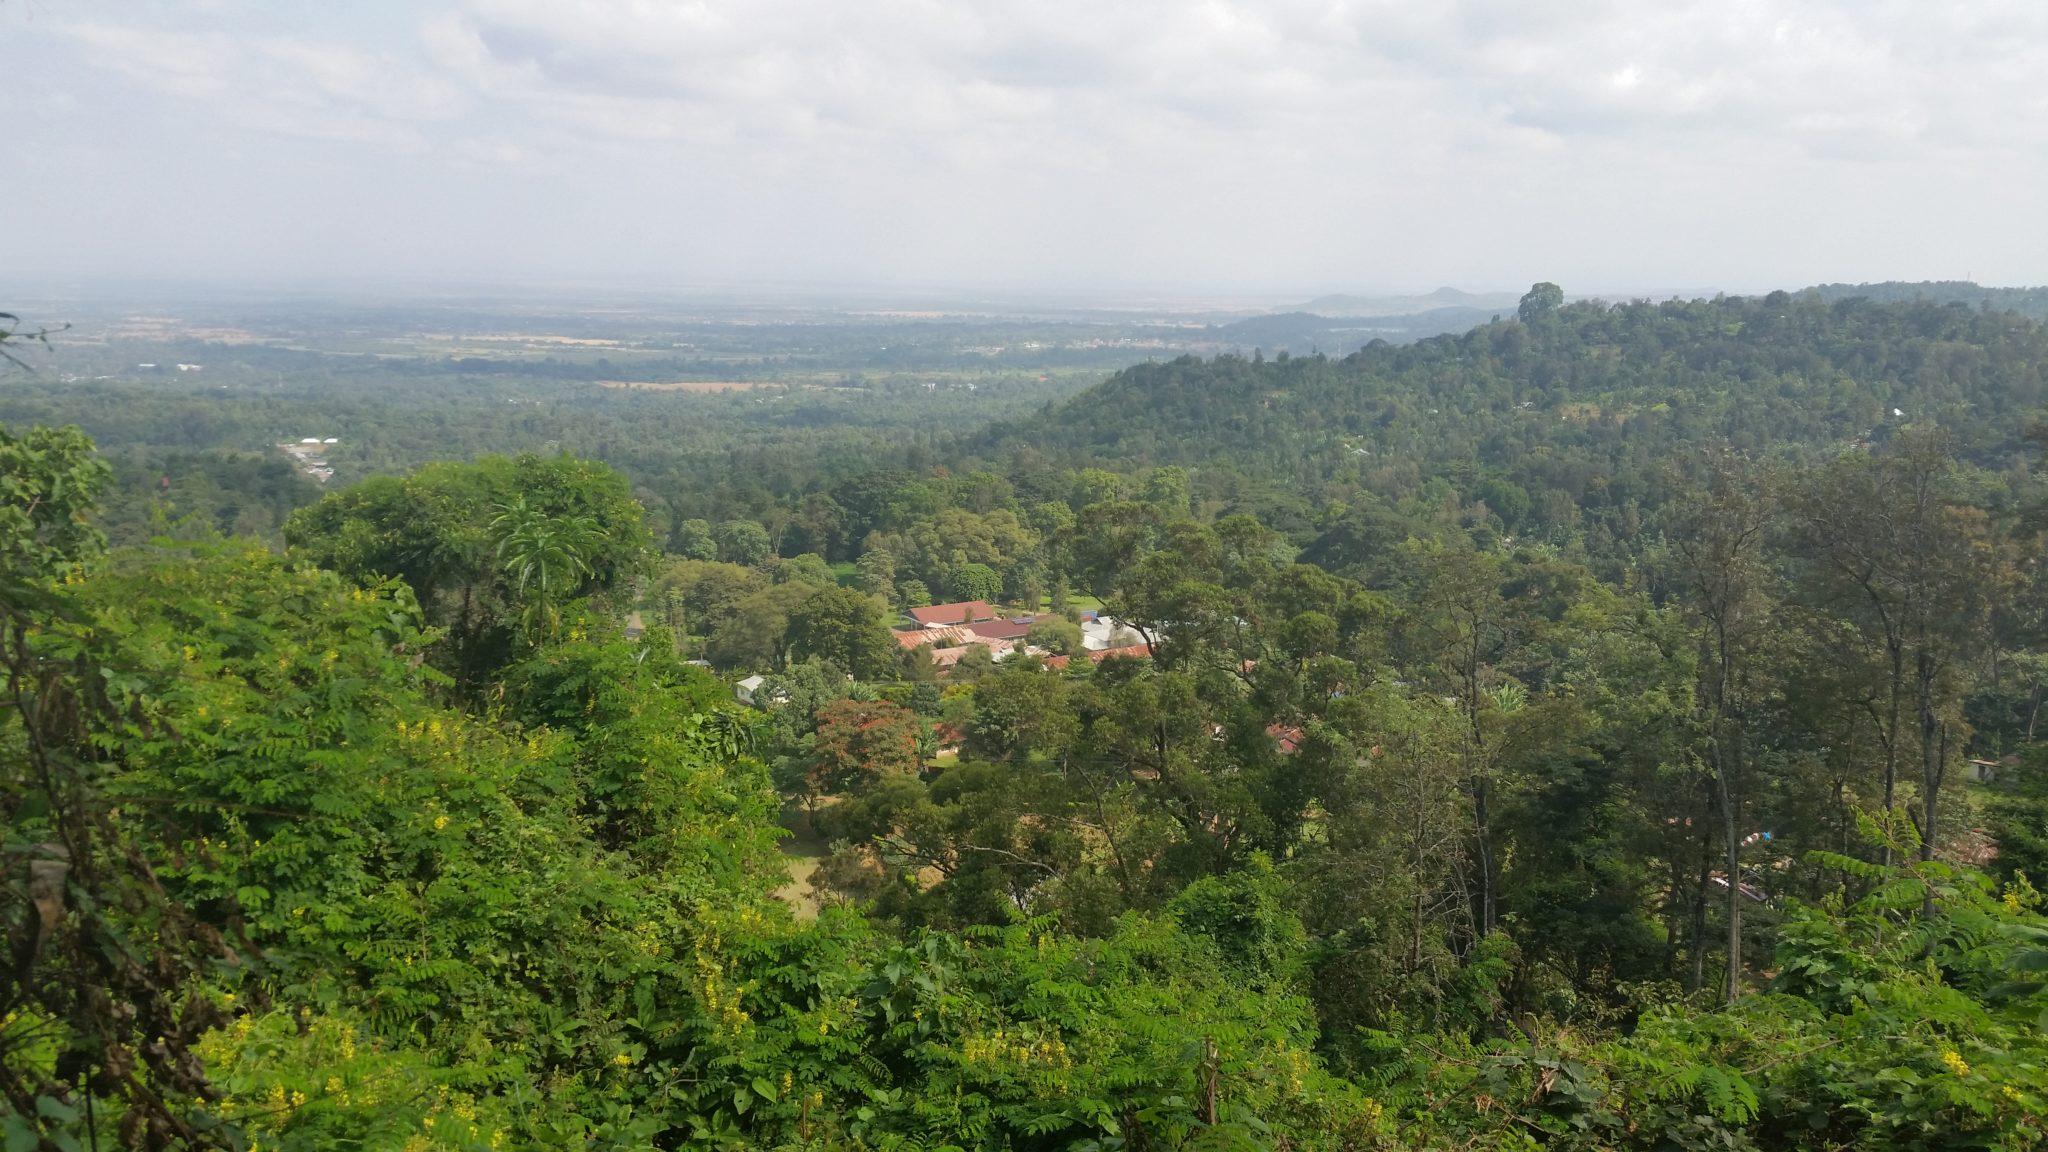 Meer uitgezoomd beeld van de view vanaf Ngoja Hill. Wie goed kijkt, kan ergens 6 nieuwe zonnepaneeltjes zien liggen.